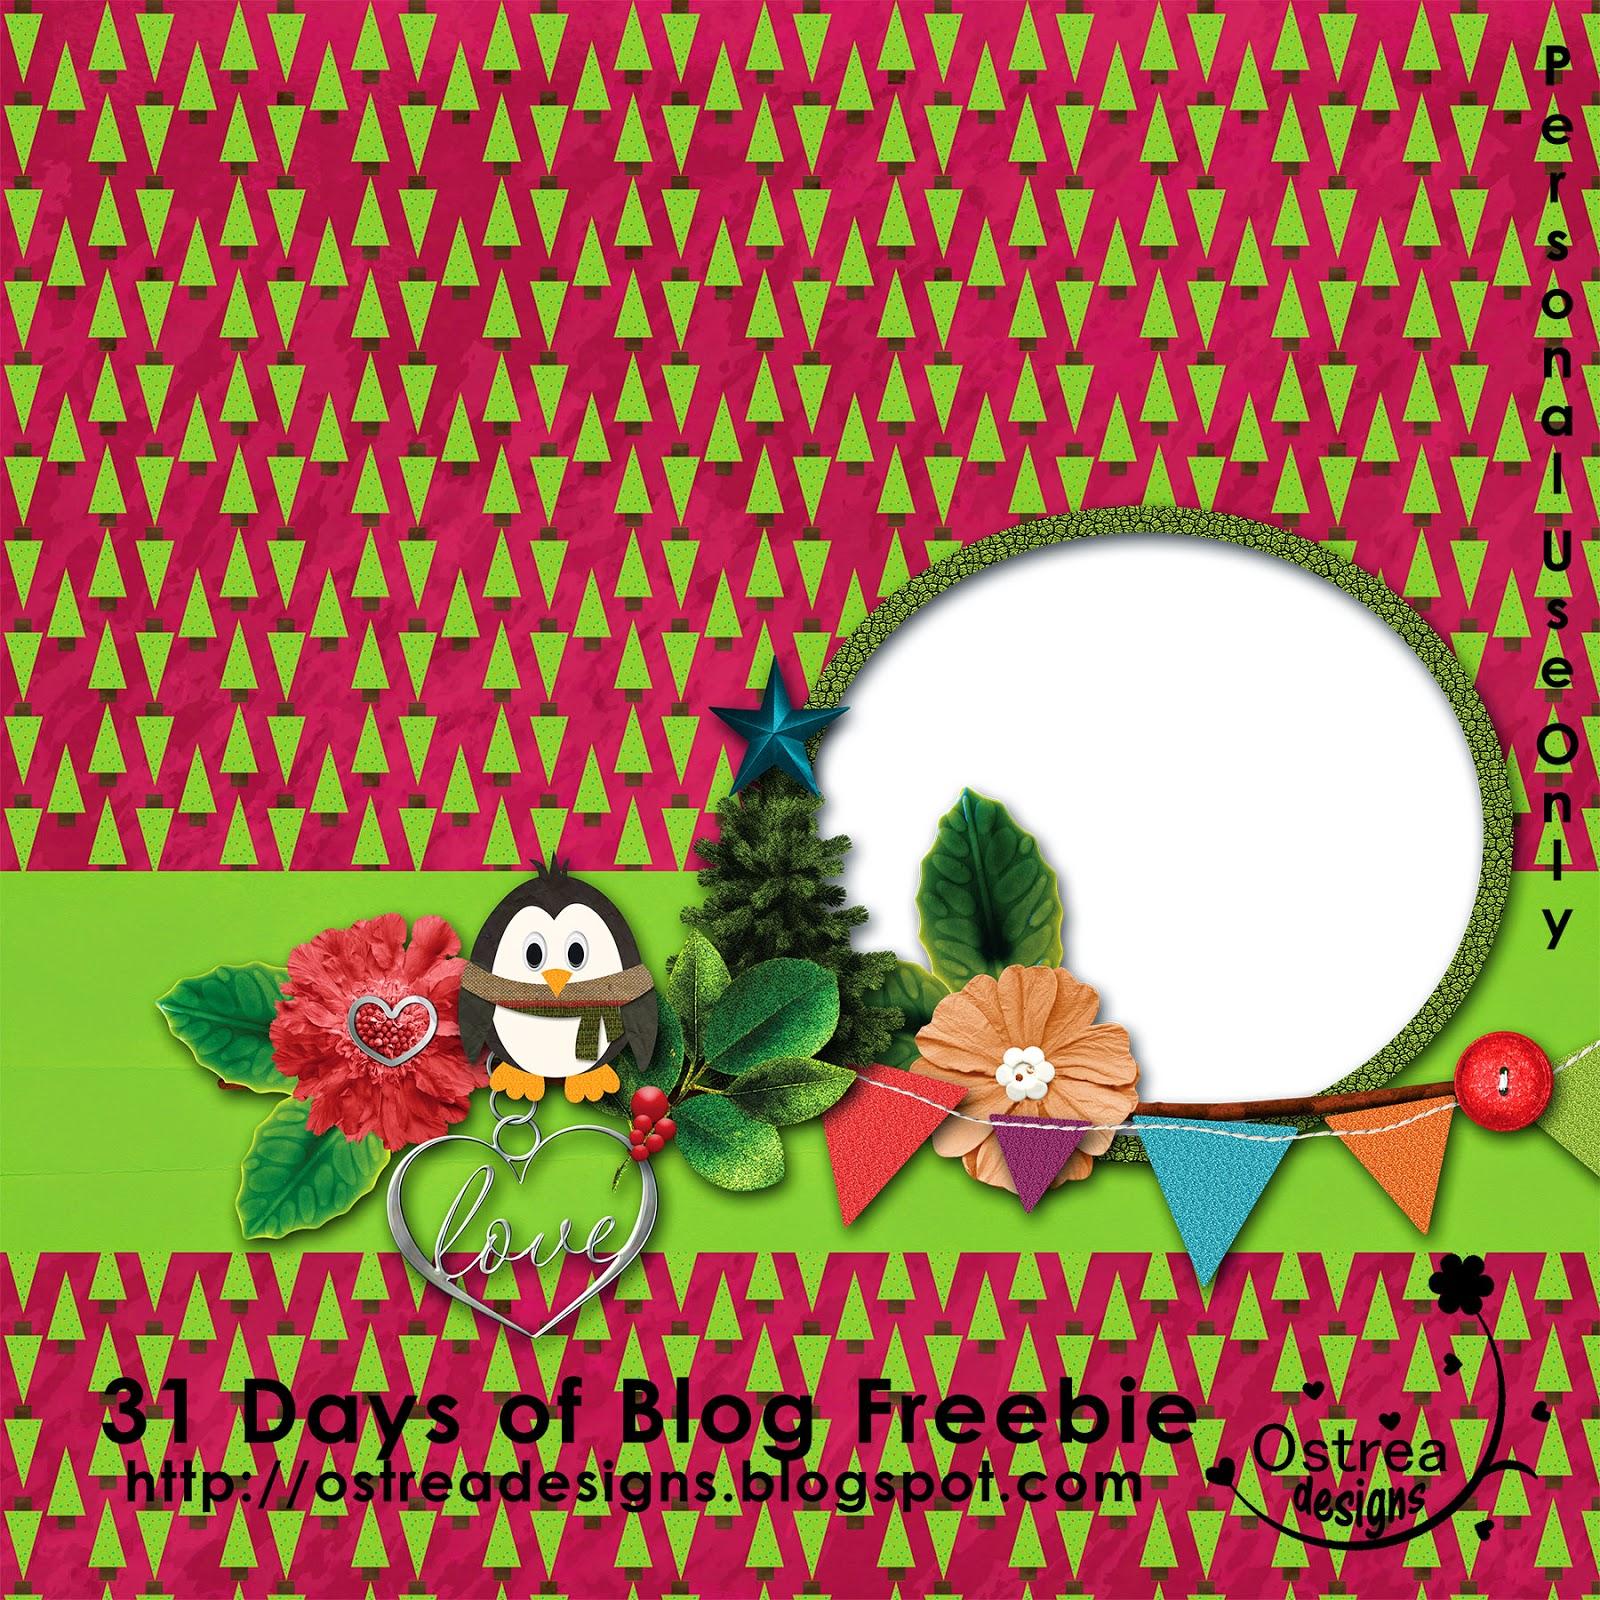 http://2.bp.blogspot.com/-oAej-ejYW4c/VHbFYBYSrqI/AAAAAAAABf4/W99hnxh_krQ/s1600/OstreaDesigns_Dec11p.jpg